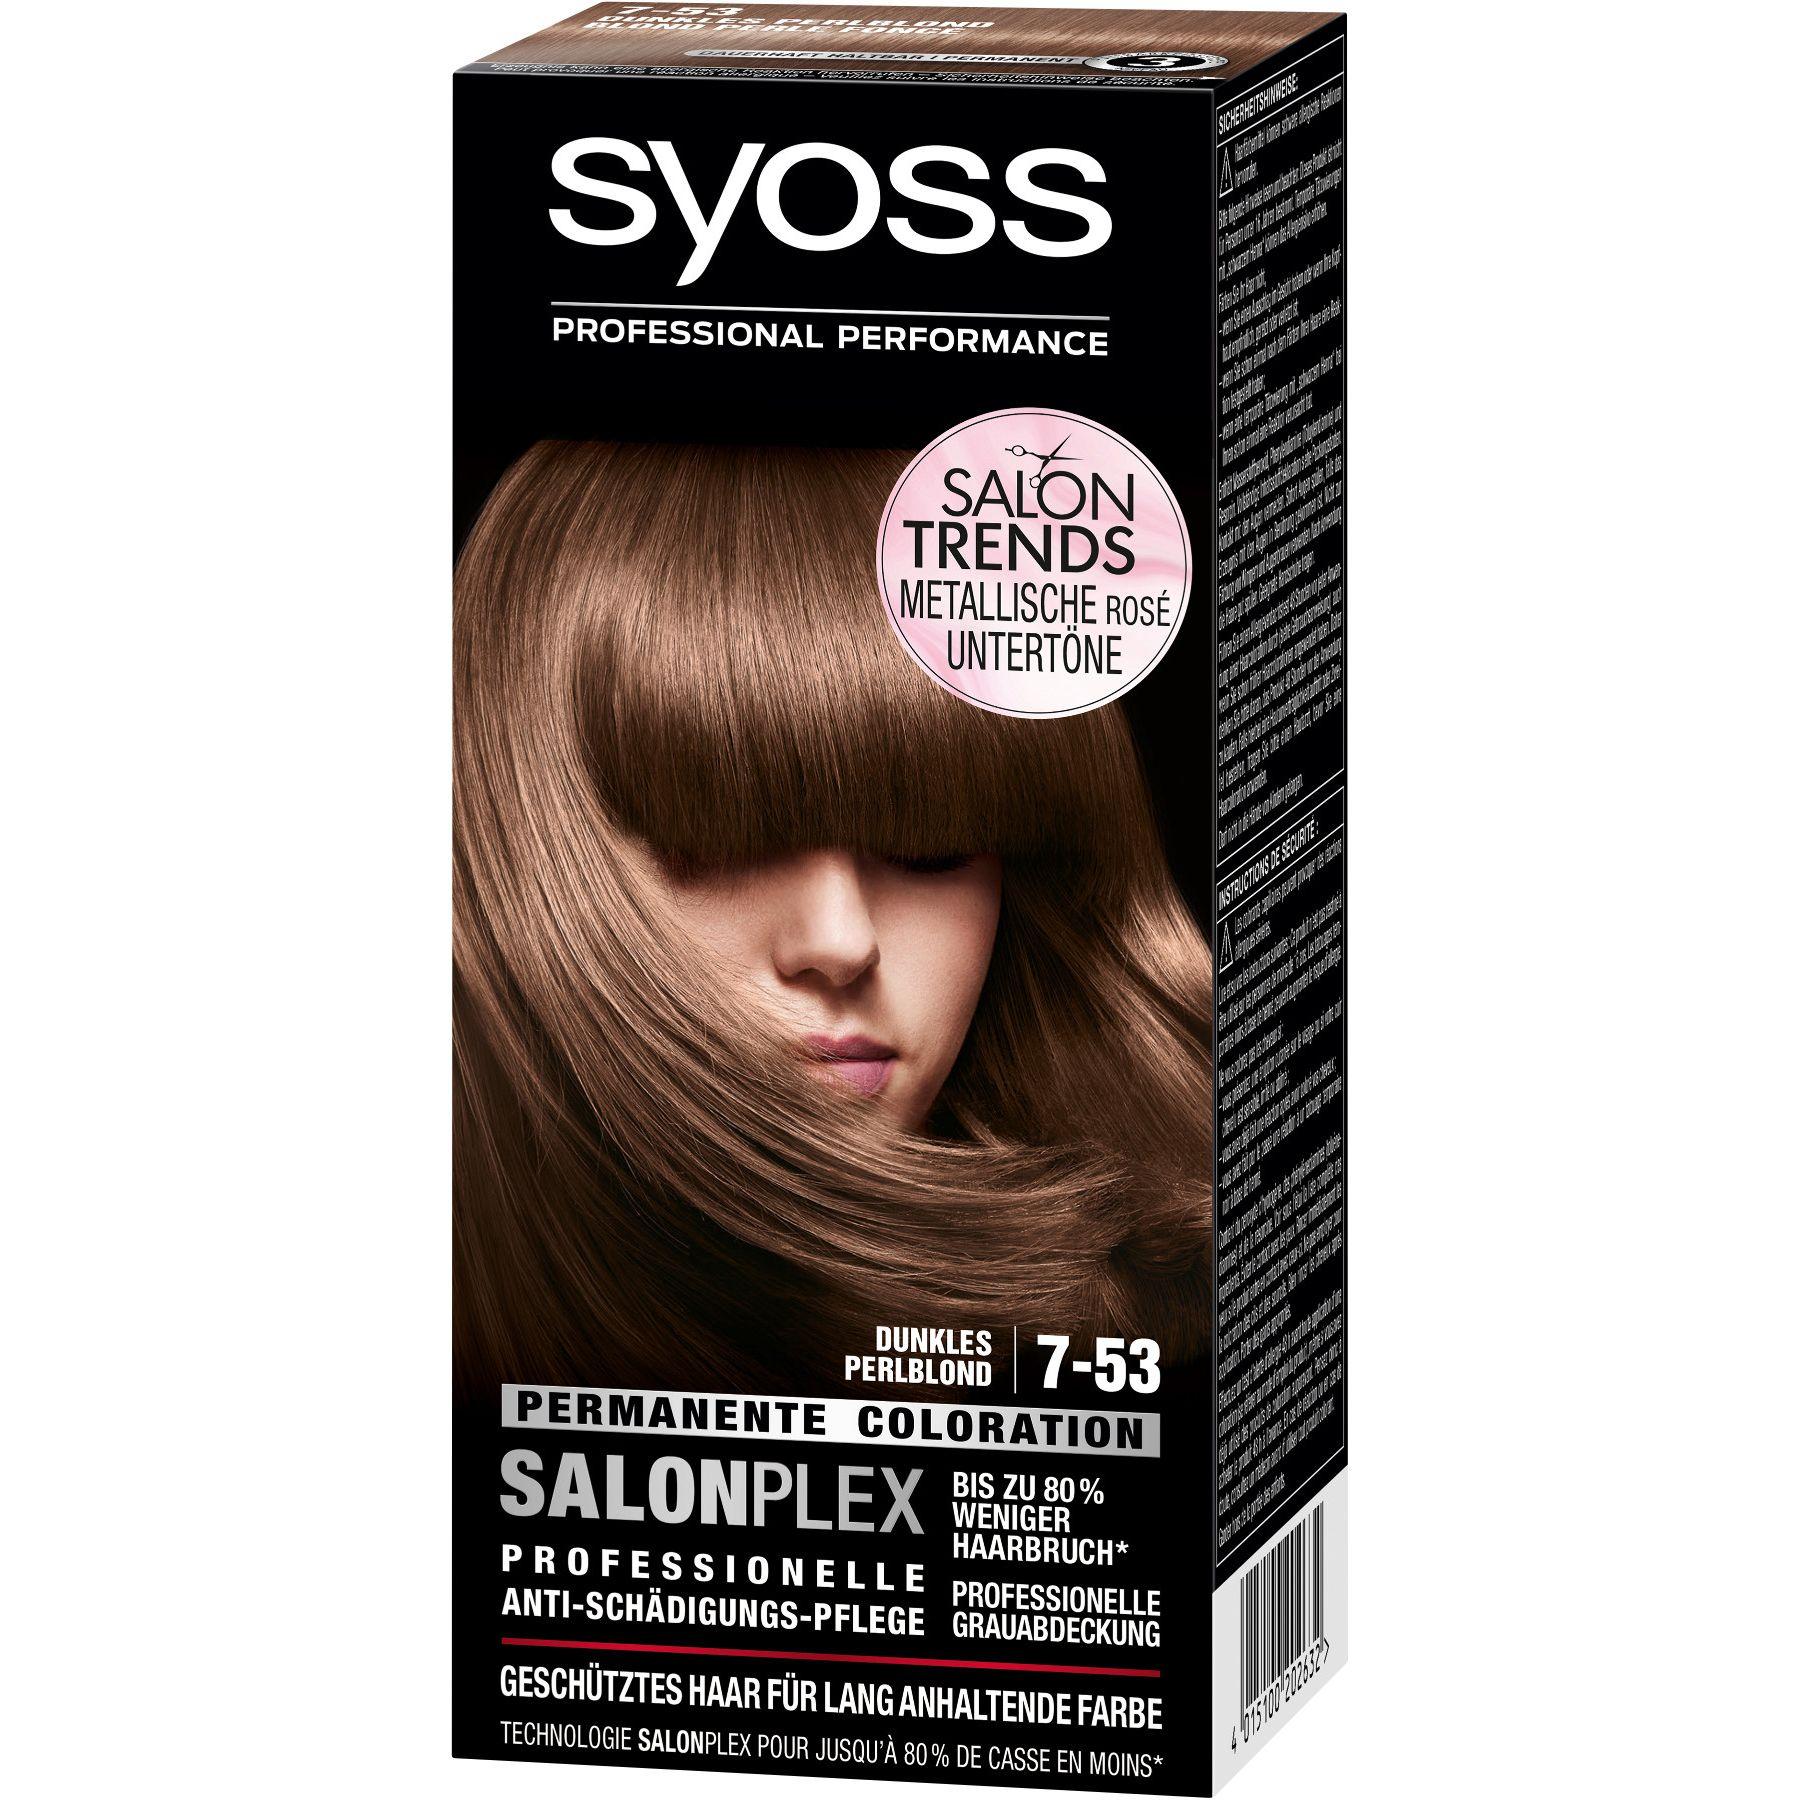 Syoss Metallic Rose Dunkels Perlblond 7 53 Dyed Hair Hair Dye